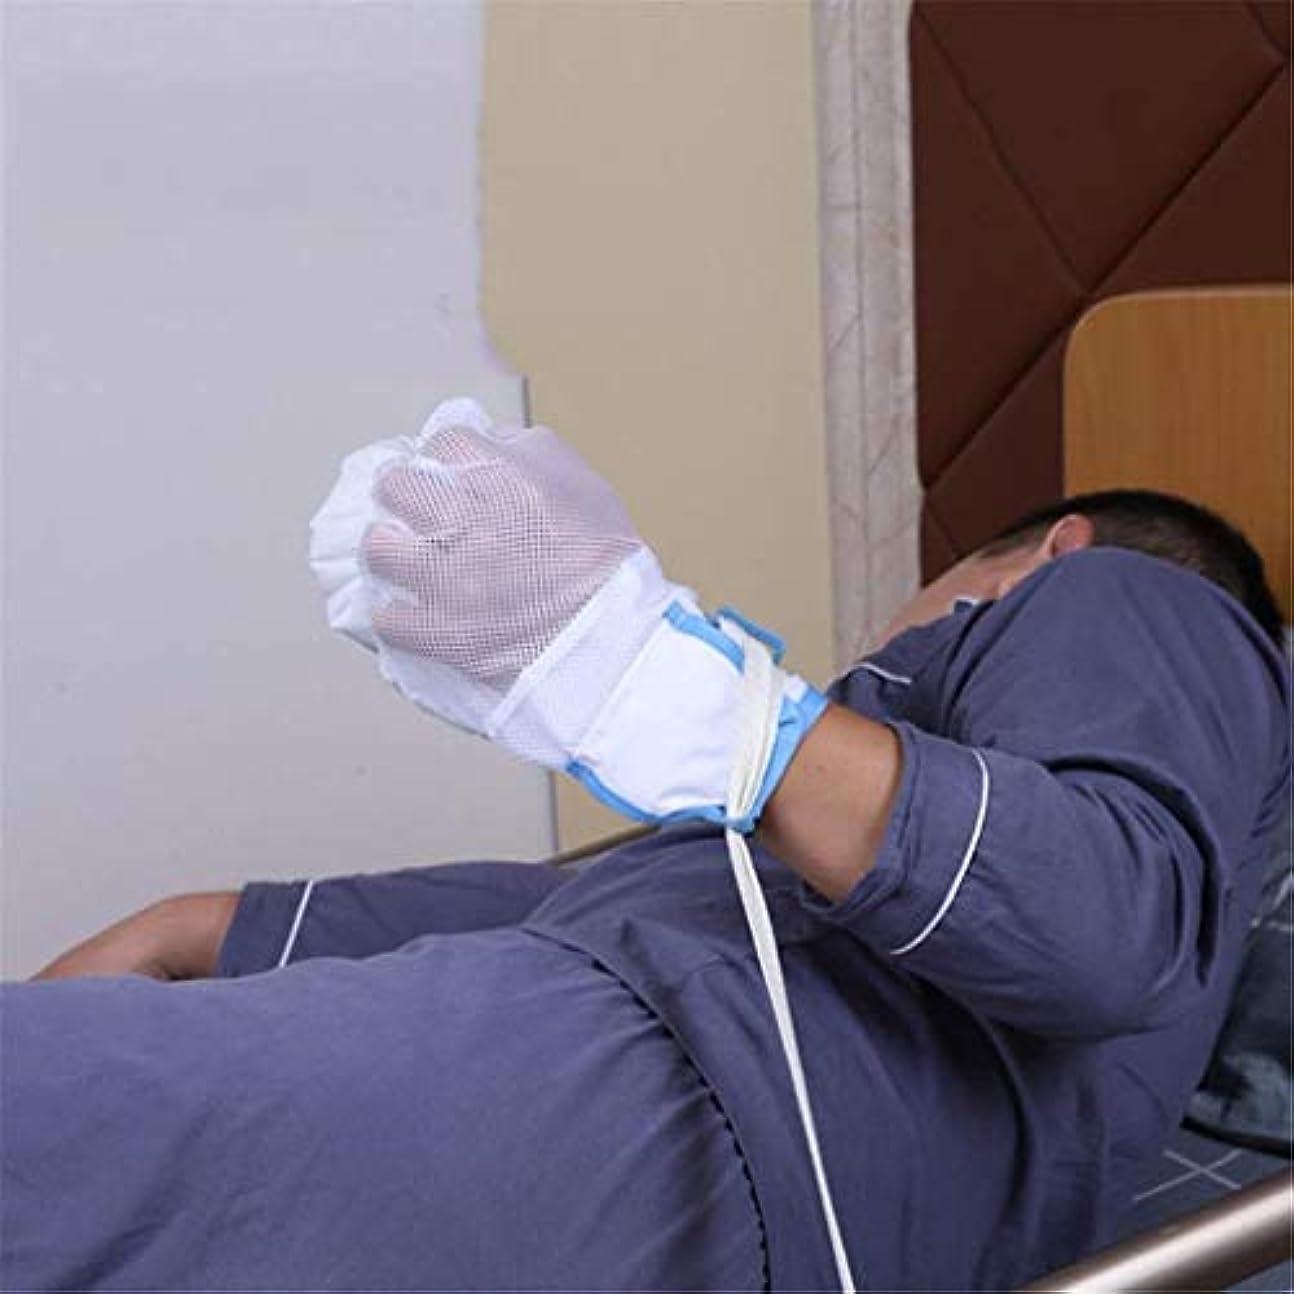 バラ色旅行解釈する医療用拘束具患者用フィンガーコントロールミット、ハンドプロテクター感染防止安全装置パッド入りミット